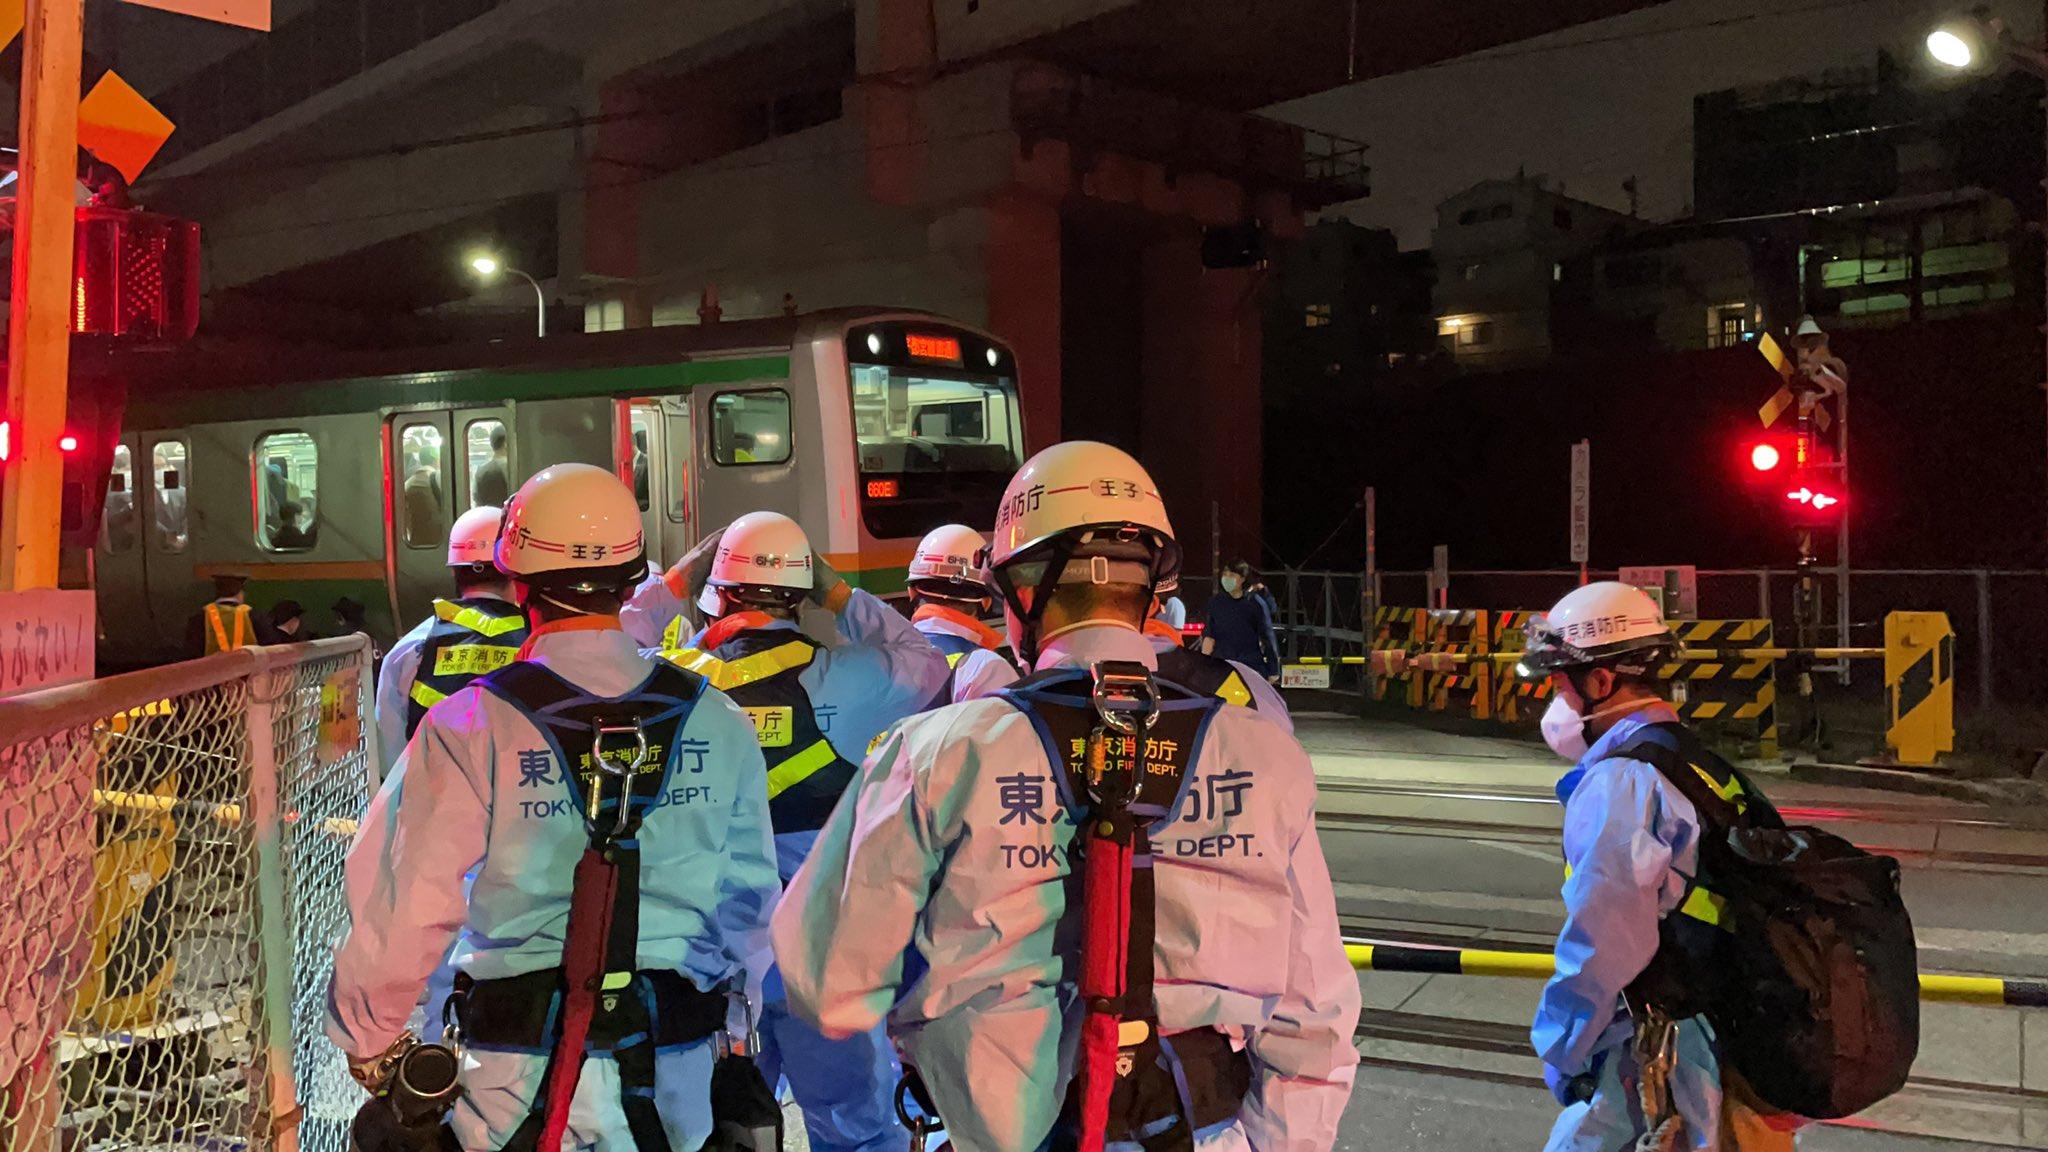 宇都宮線の人身事故現場の画像